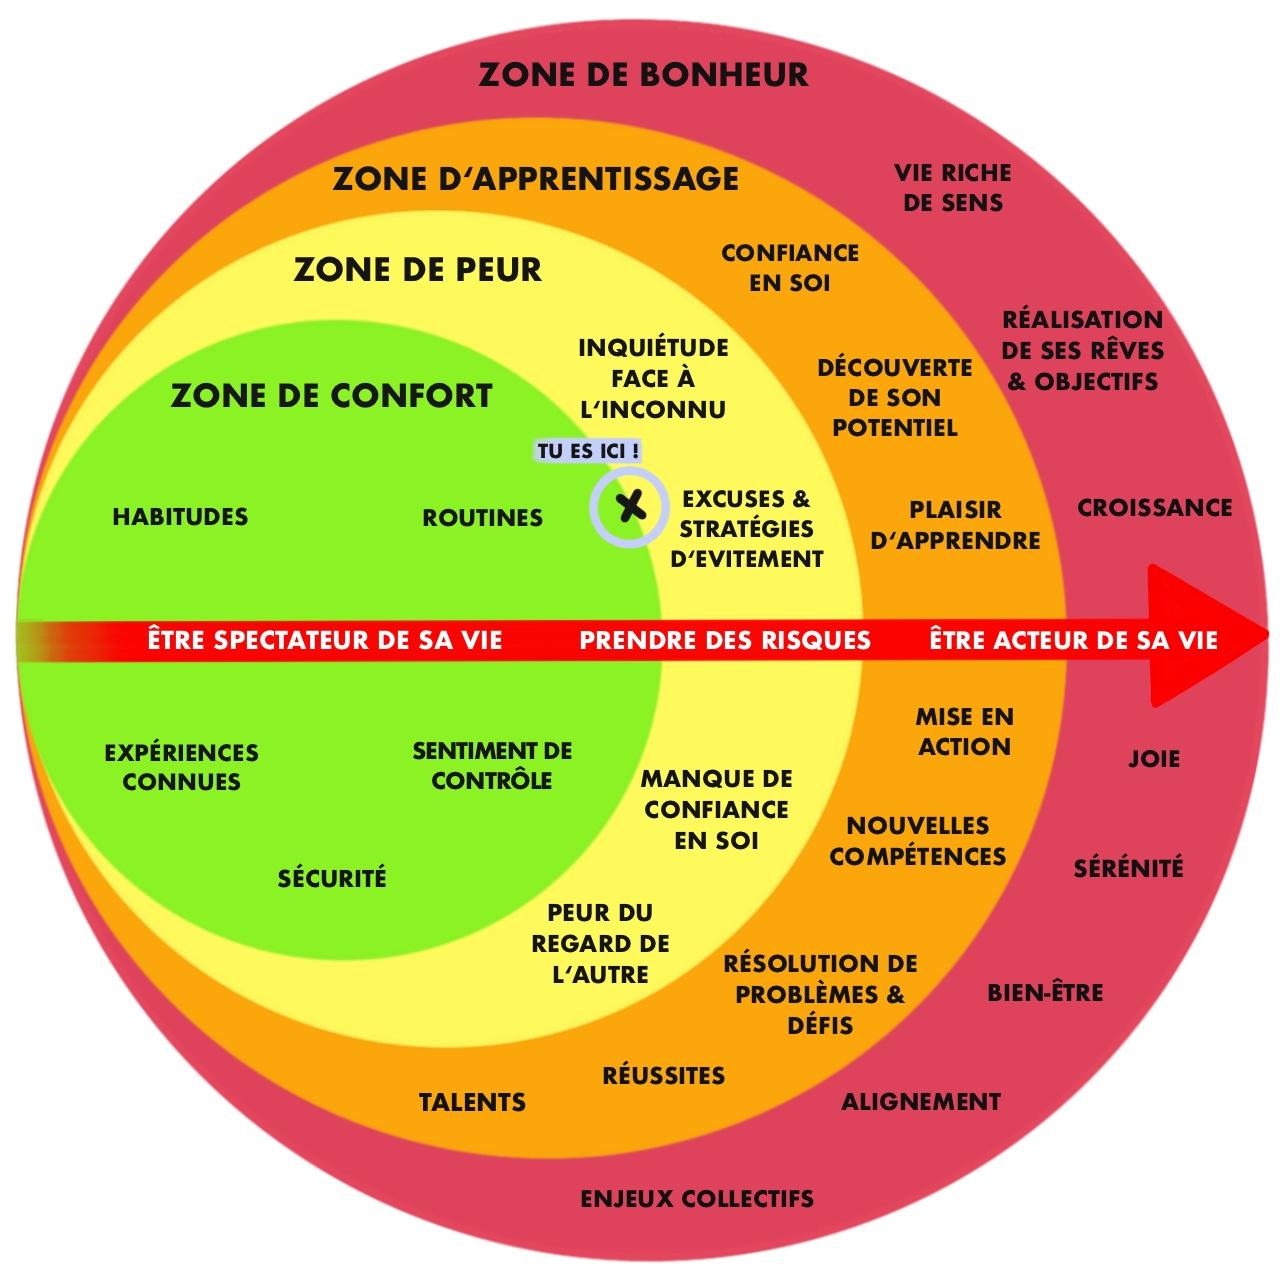 zone-de-confort-coach-seduction-bordeaux-geoffrey-nesie